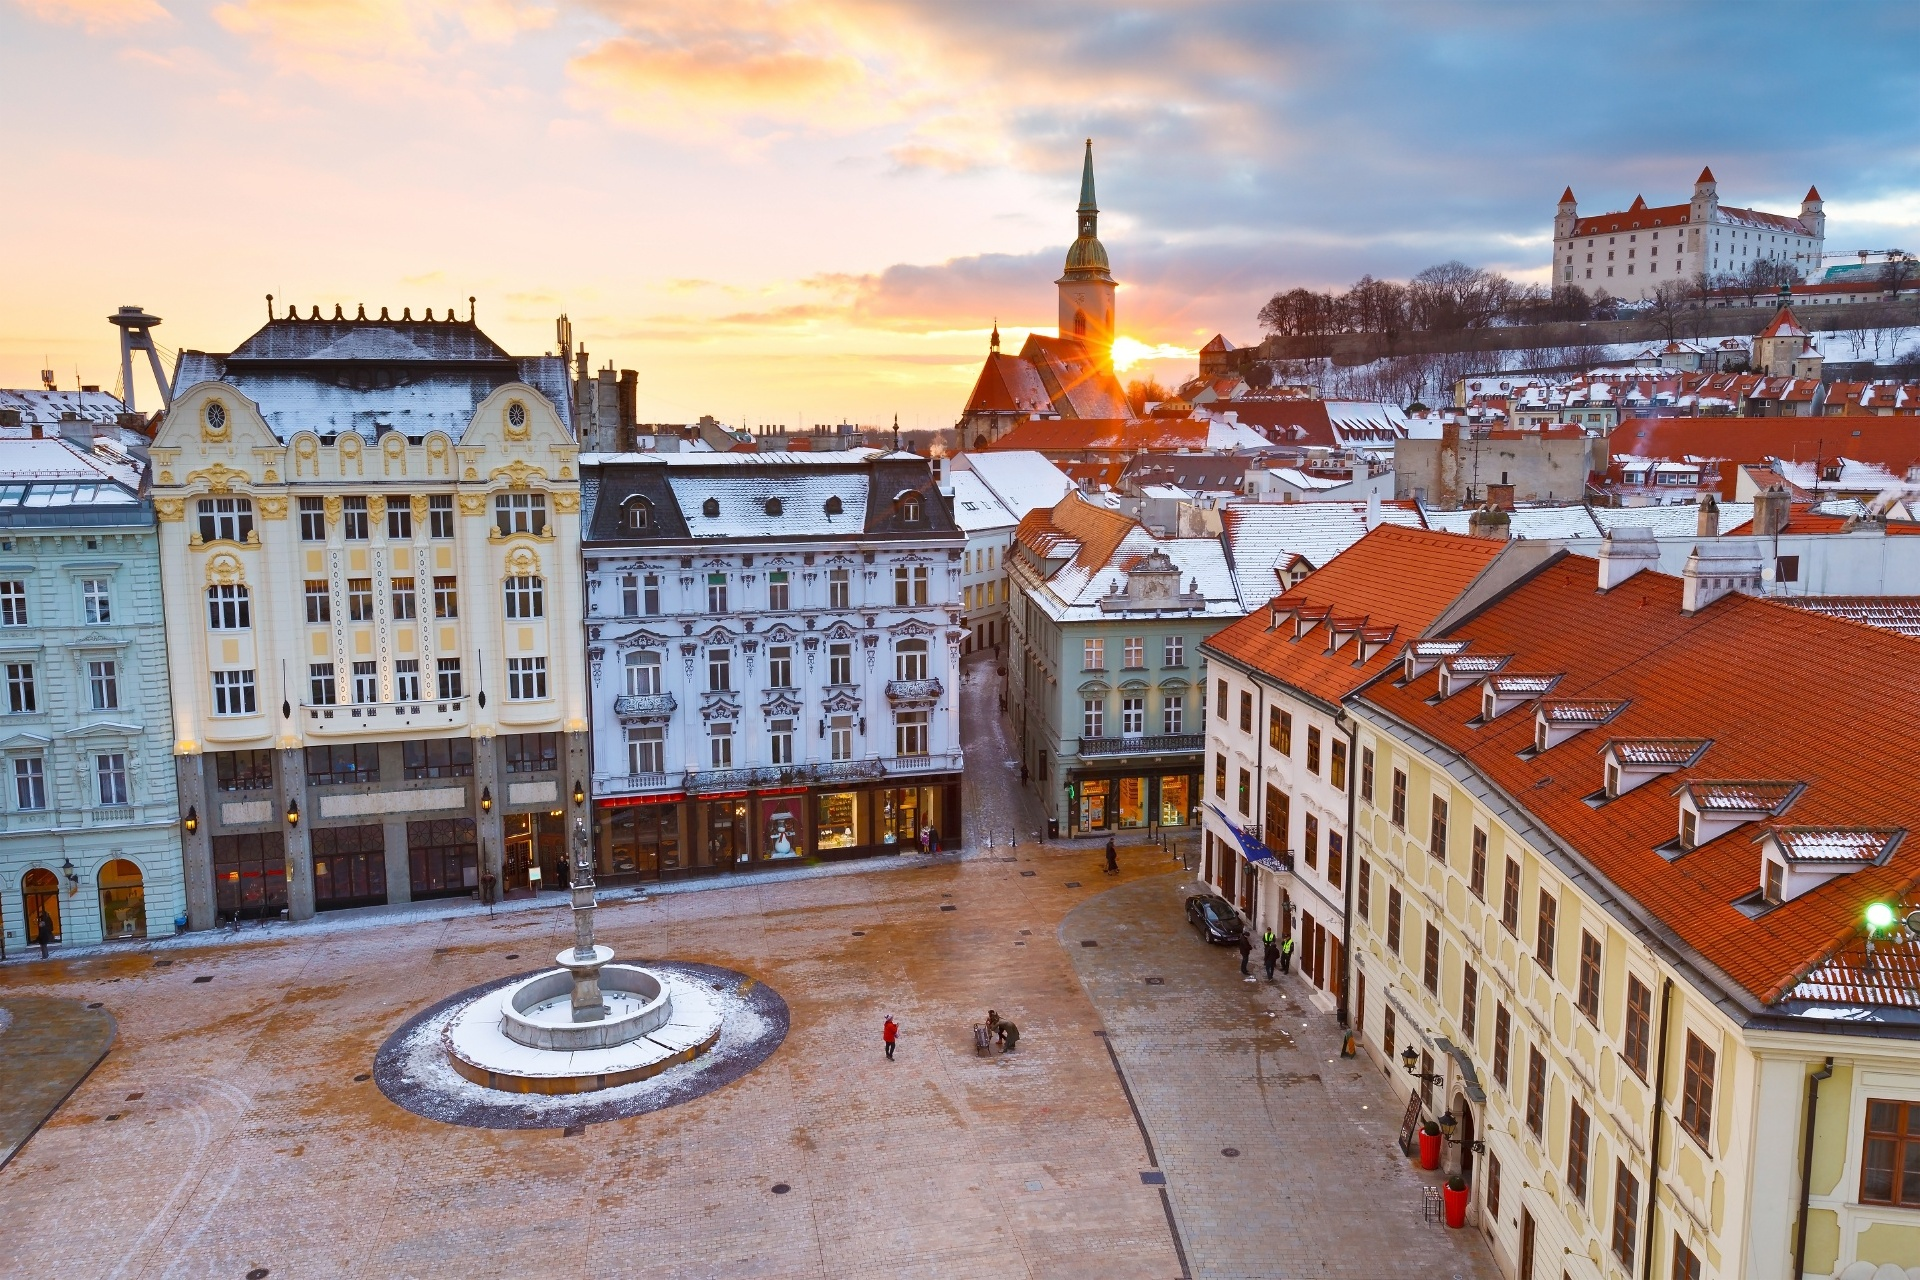 ブラチスラヴァ市庁舎の塔から見るフラヴネー広場と旧市街と夕日の風景 スロバキアの風景